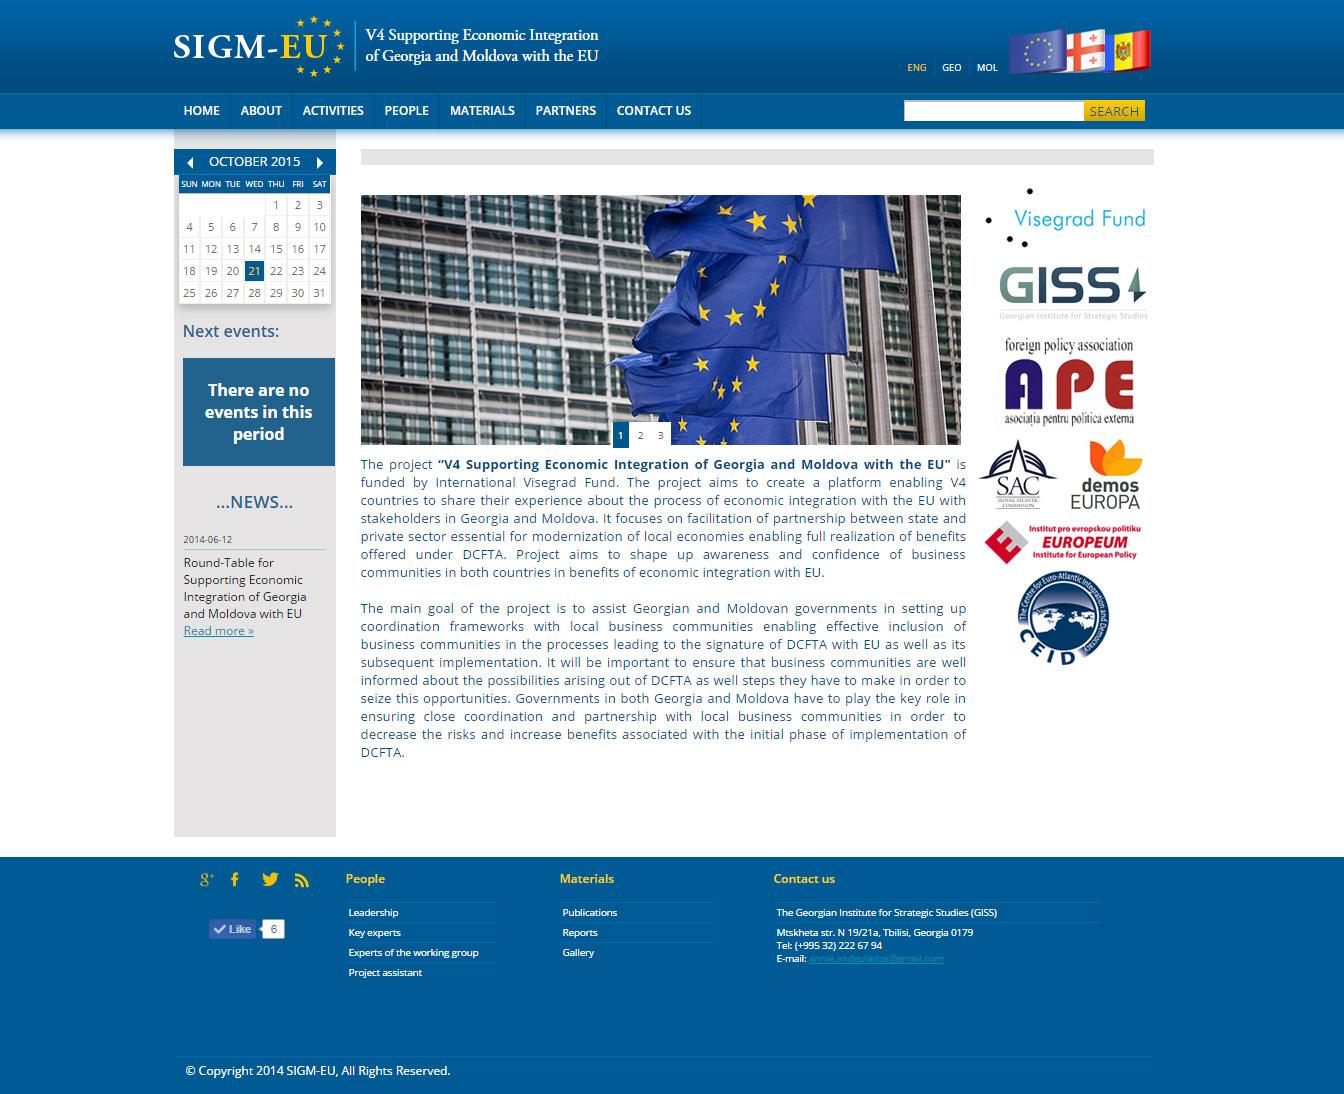 SIGM-EU_1